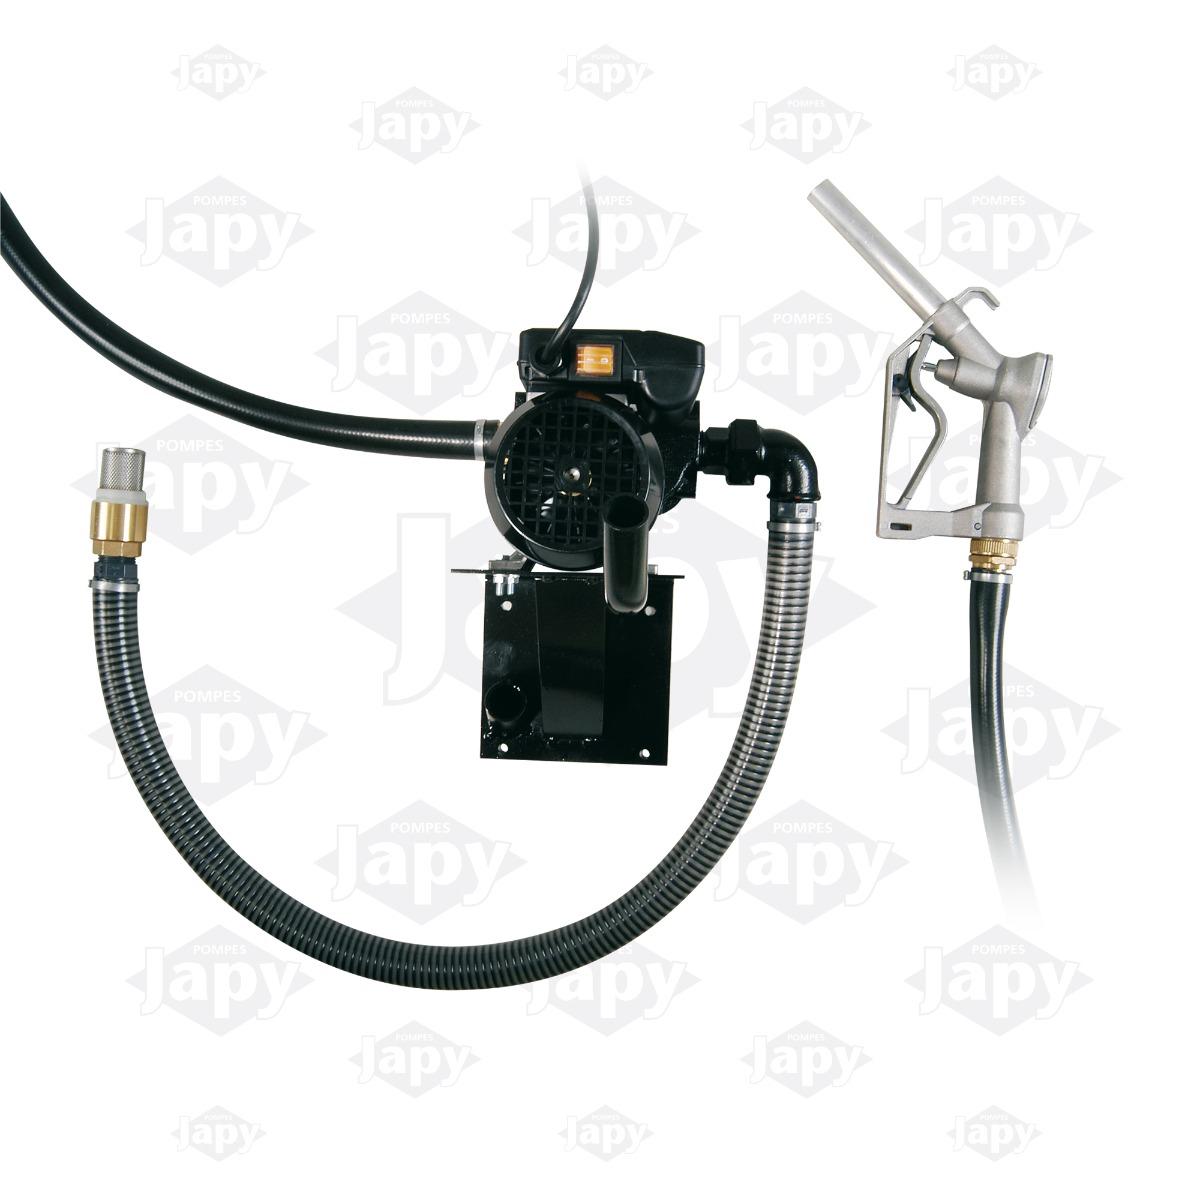 8eaa61b3178f7 Pompe électrique - Equipement de distribution gasoil - JEV25EQ - JEV2533  loupe